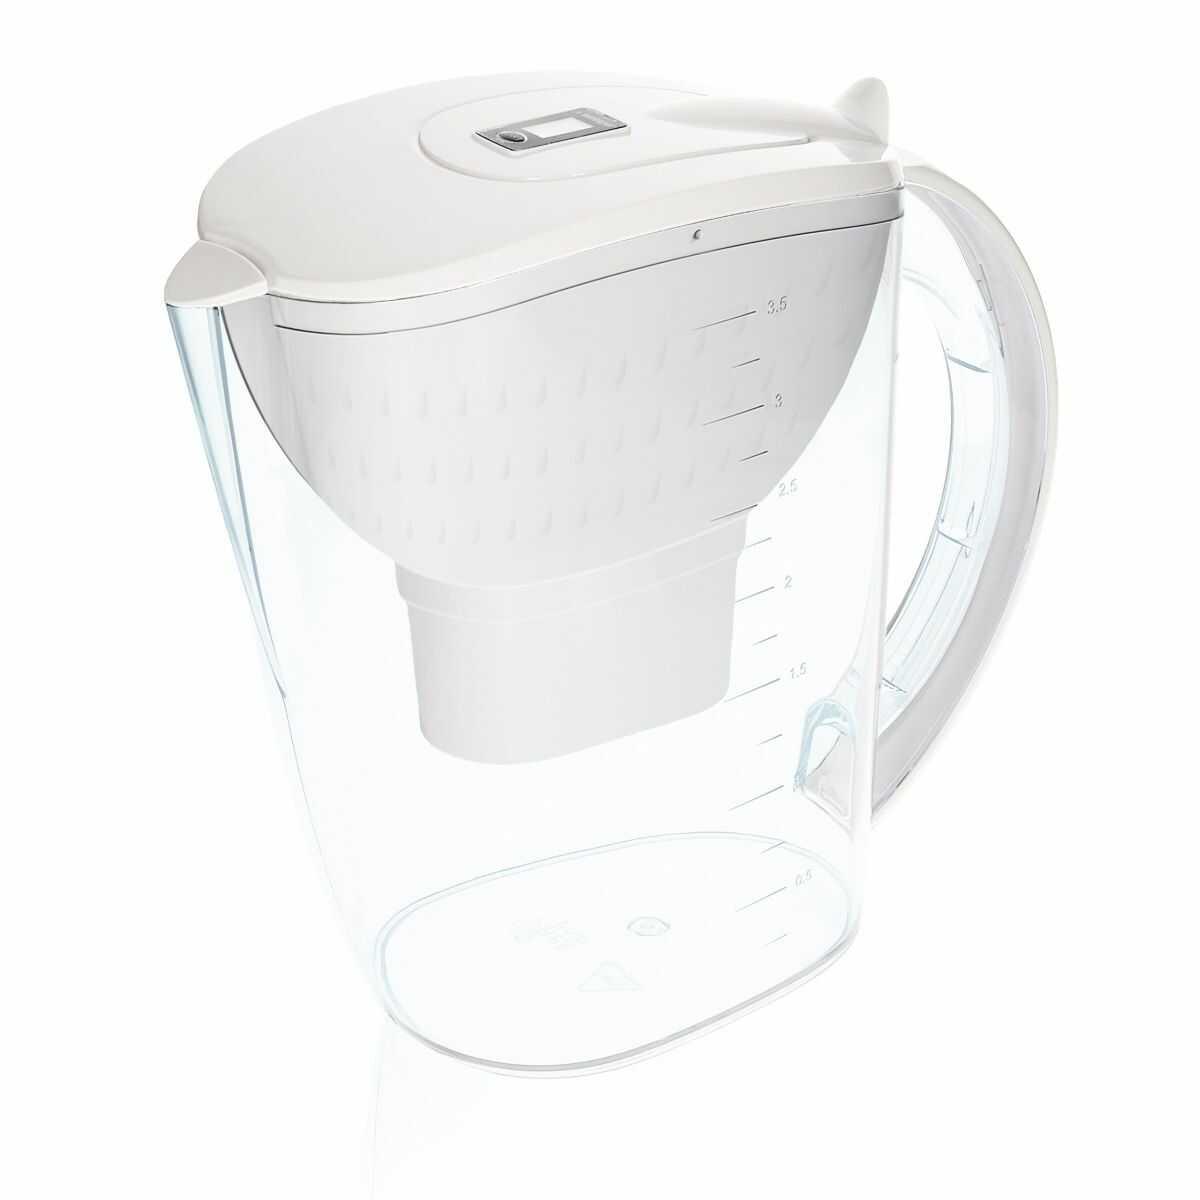 Dzbanek filtrujący do wody 3,5L AquaMax - BIAŁY - Wessper